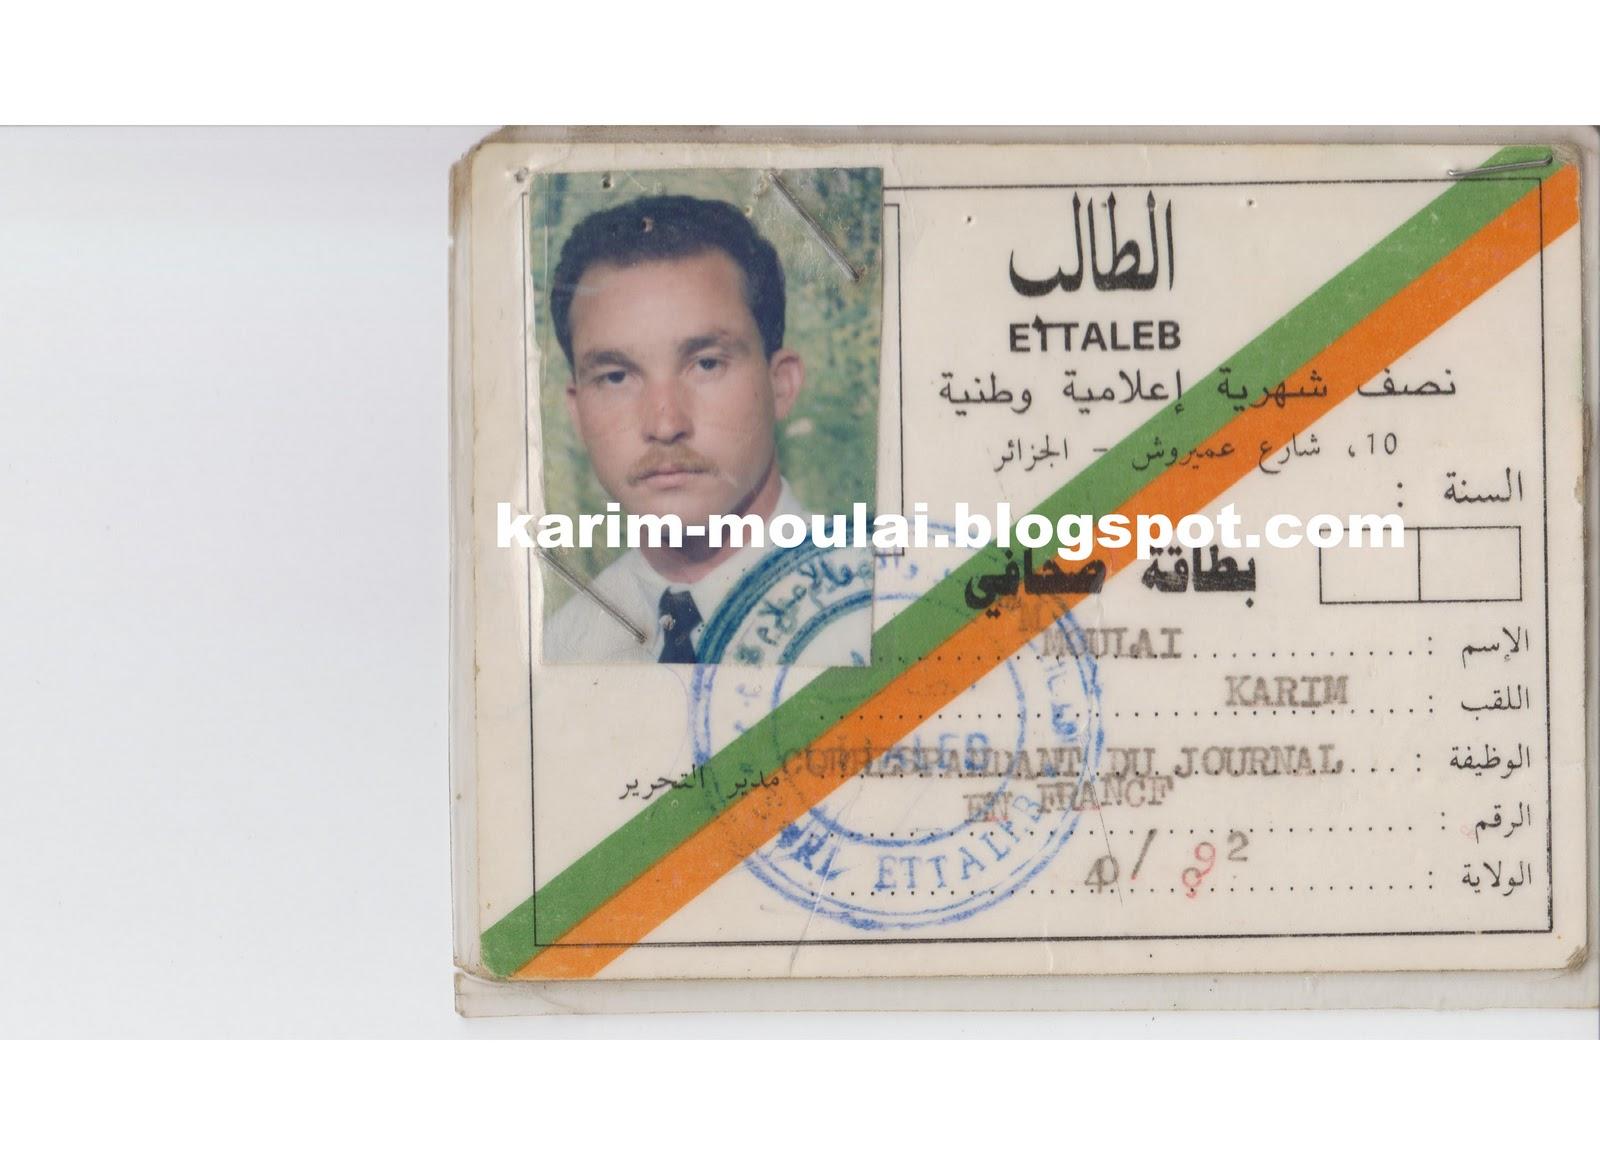 بداية مخطط تأجيج الفتنة في الجزائر بتواطؤ انظمة عربية  KM+1+001_w